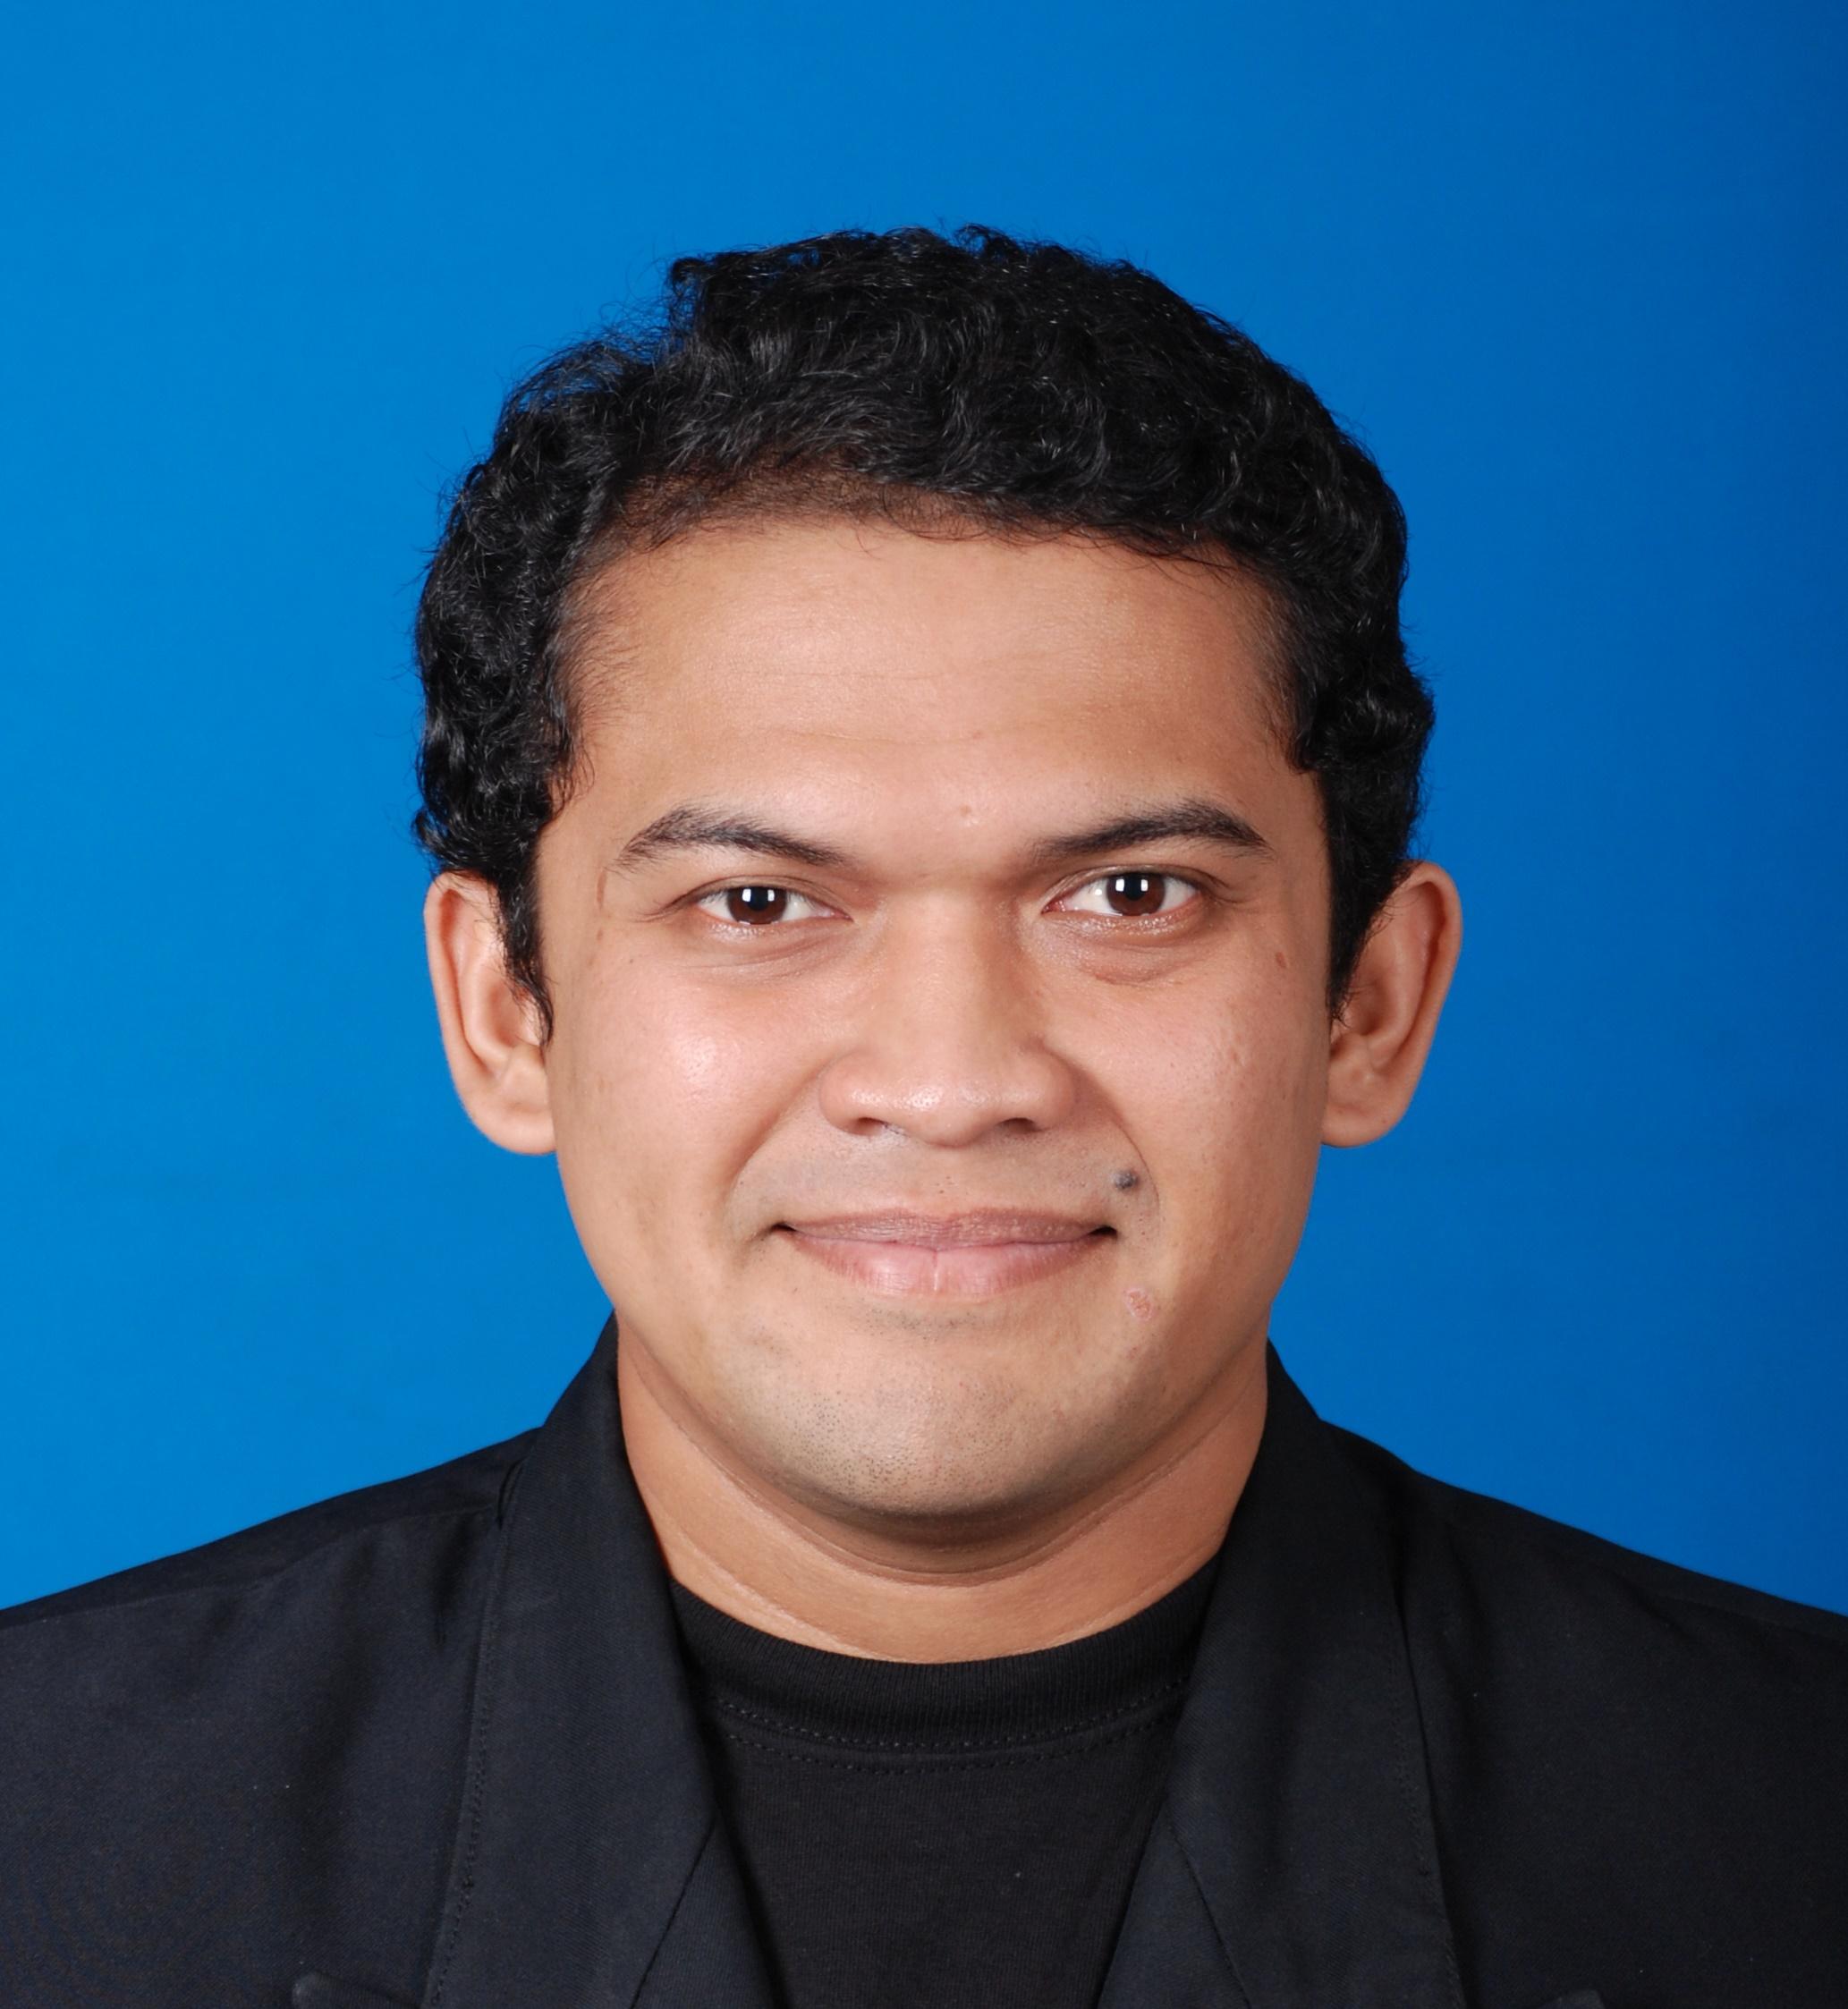 Mohd Aizat Bin Abdul Rane